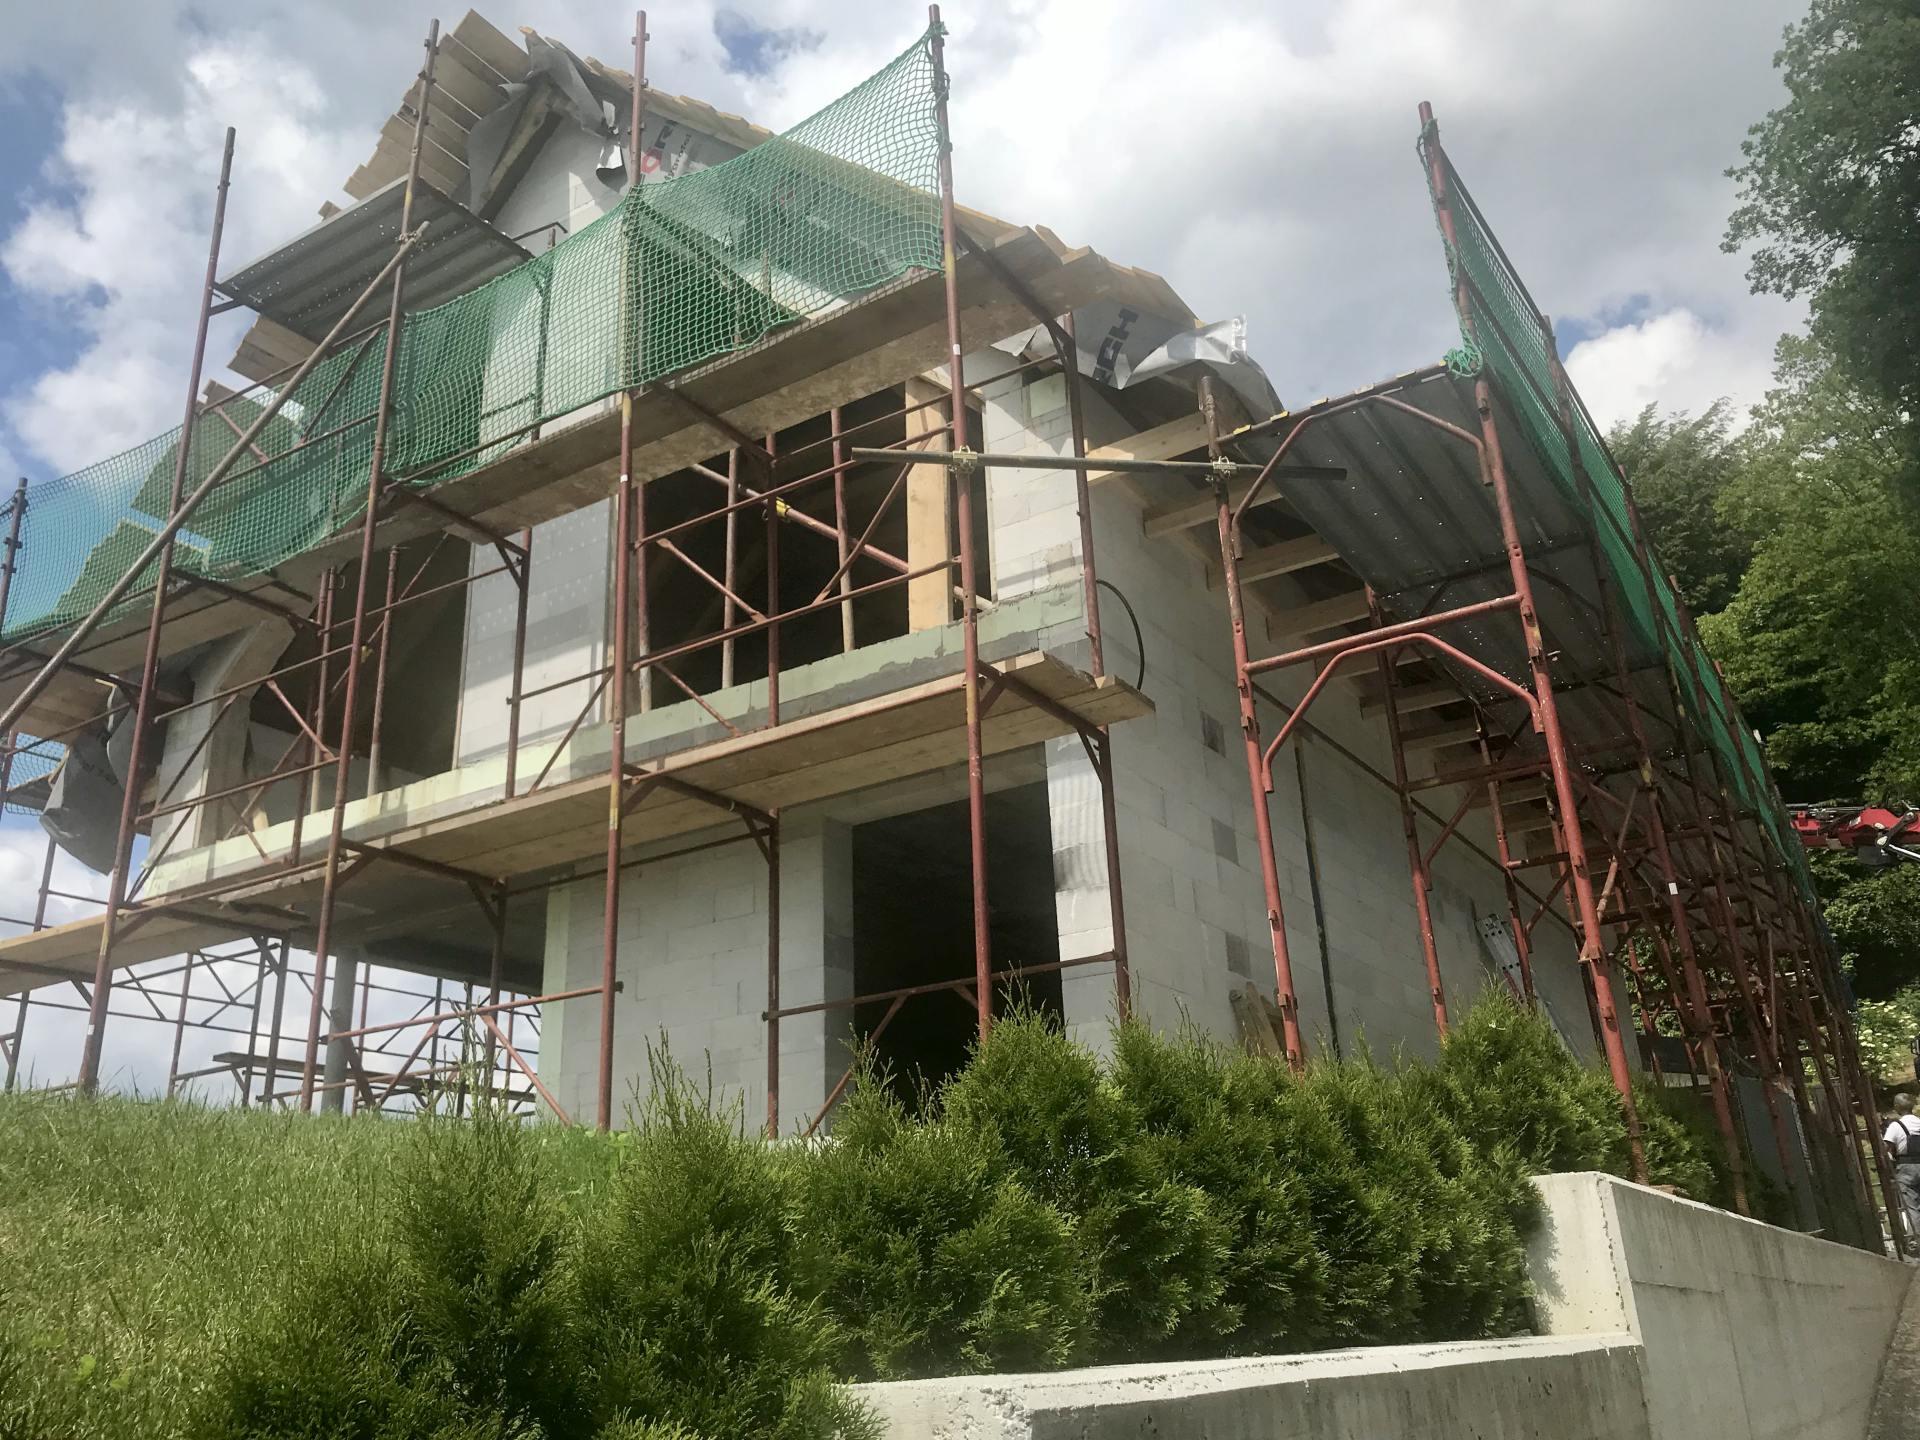 Spekter In d.o.o. - Svetovanje in inženiring, novogradnje, gradbena in fasaderska dela, urejanje okolice, sanacija obstoječih objektov IMG_5035